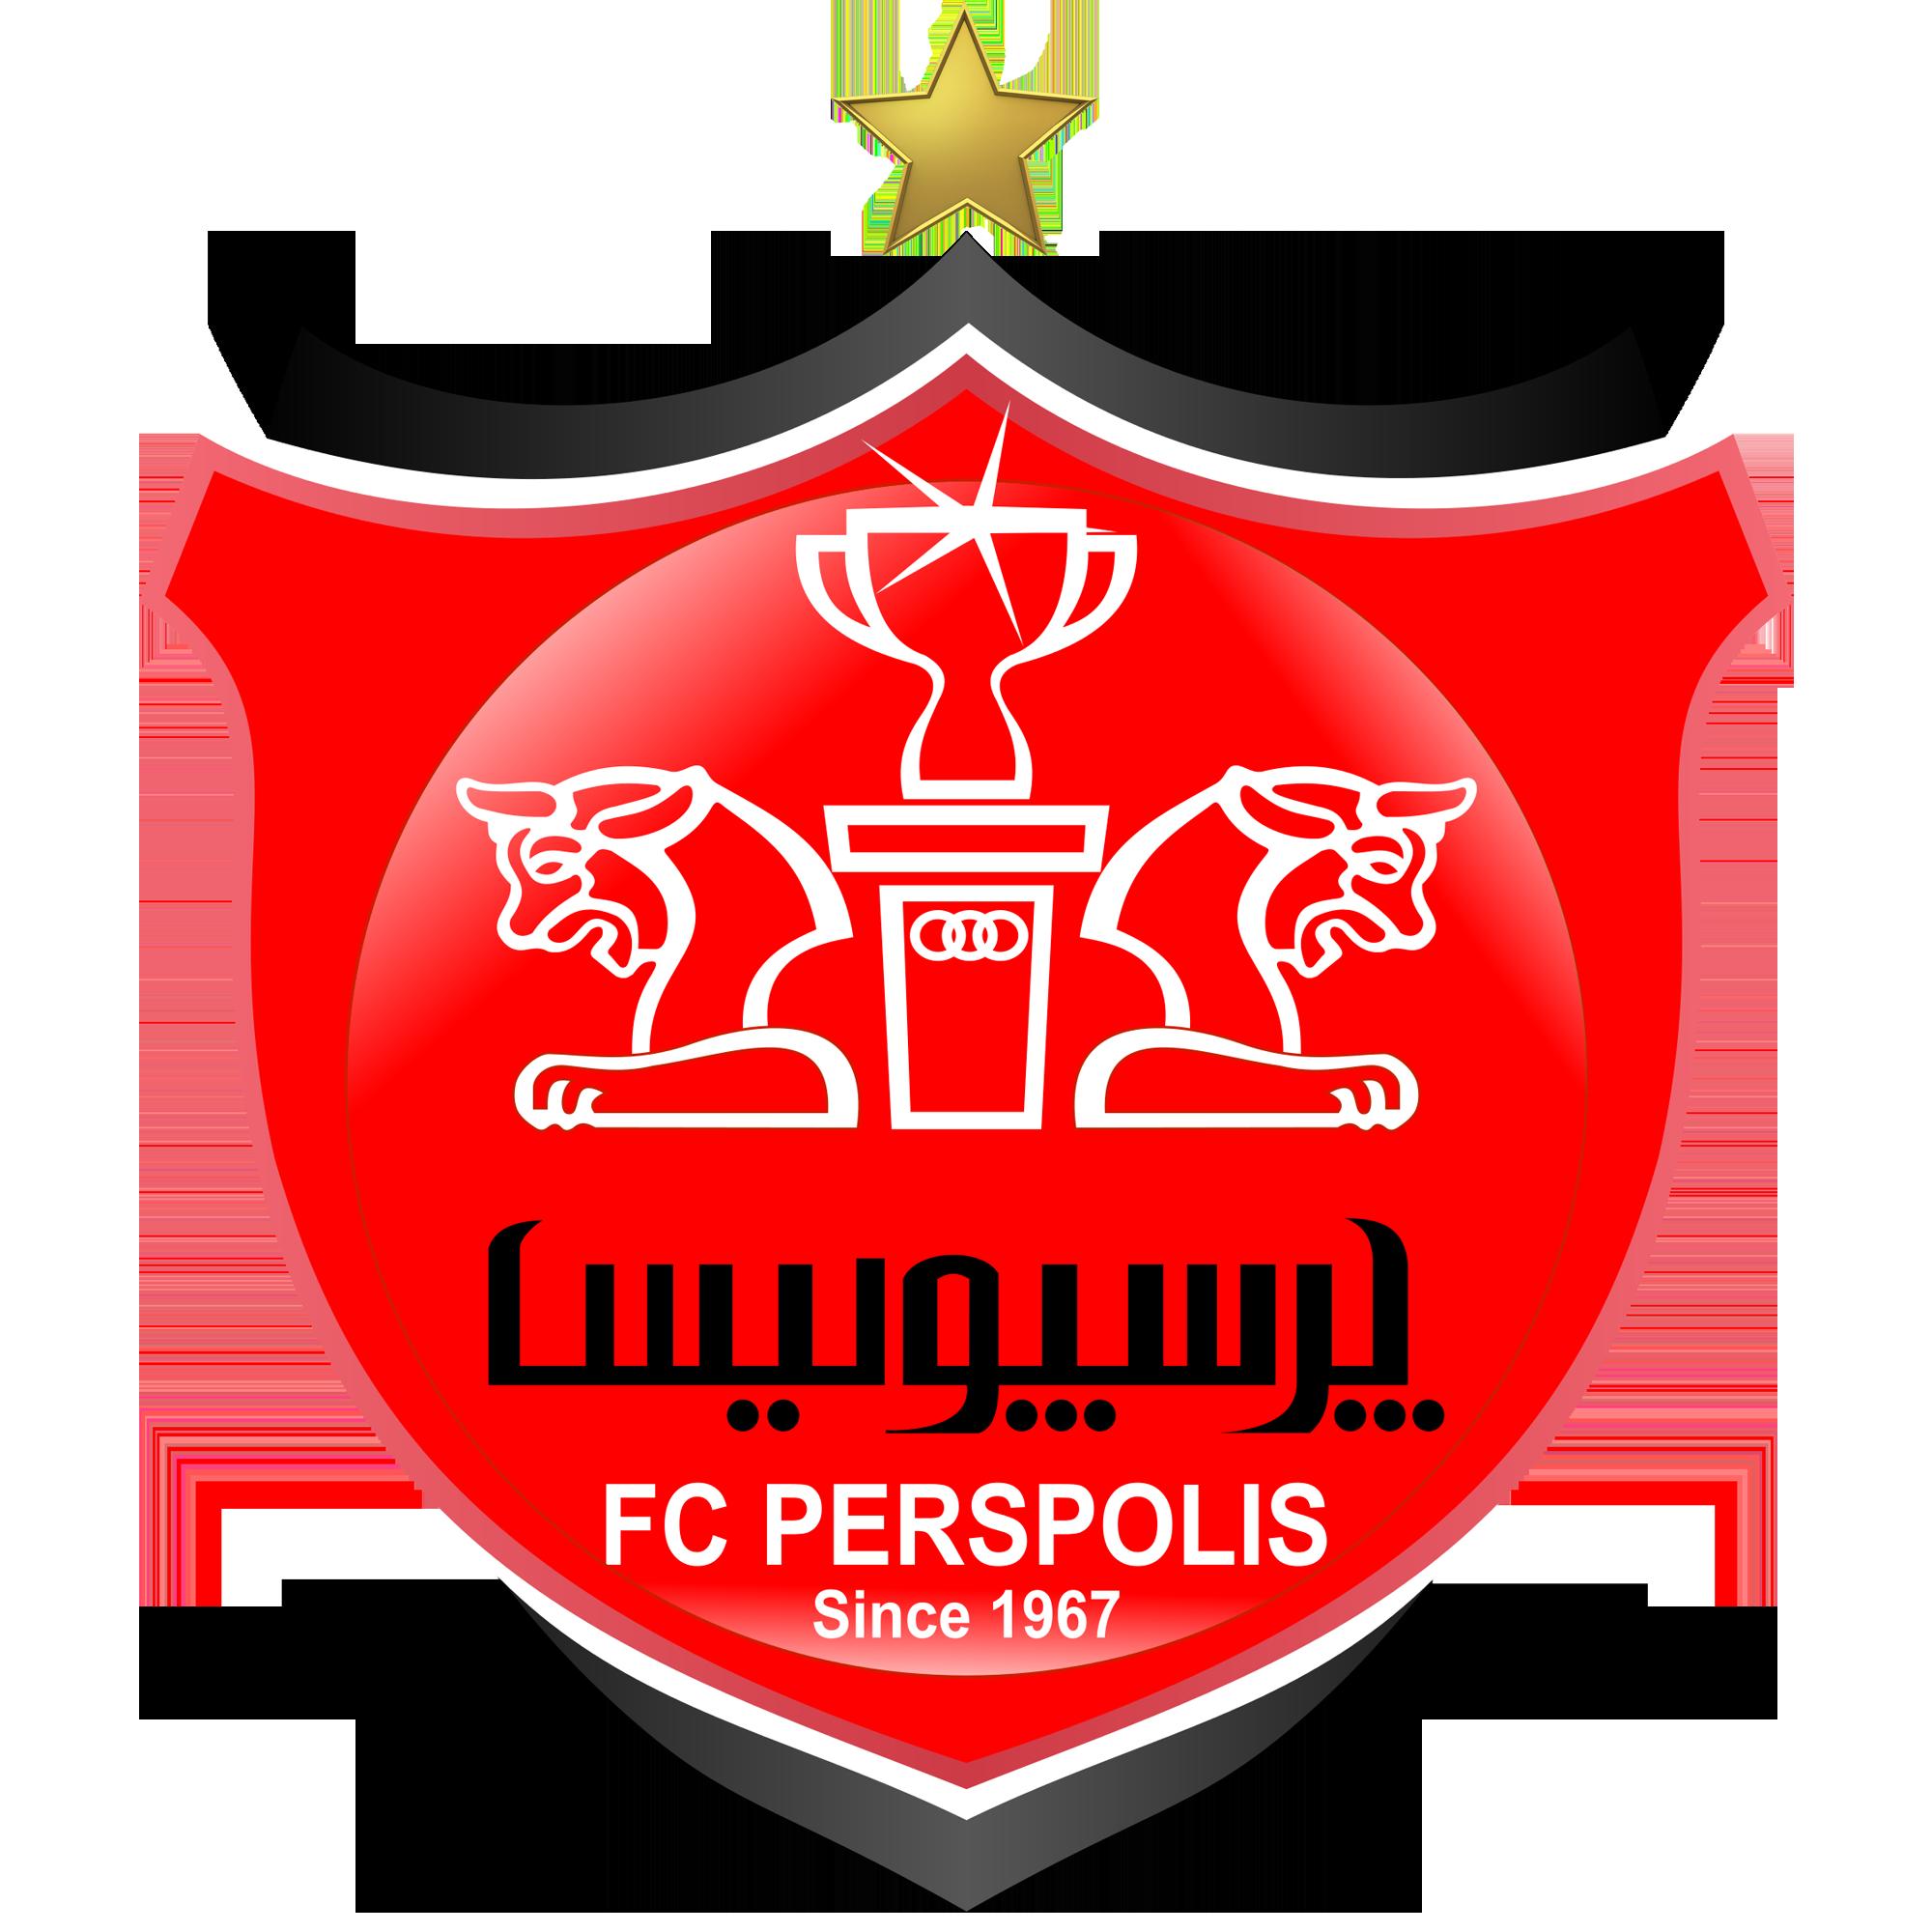 اخبار باشگاه پرسپولیس تهران(بروز رسانی میشه) 1